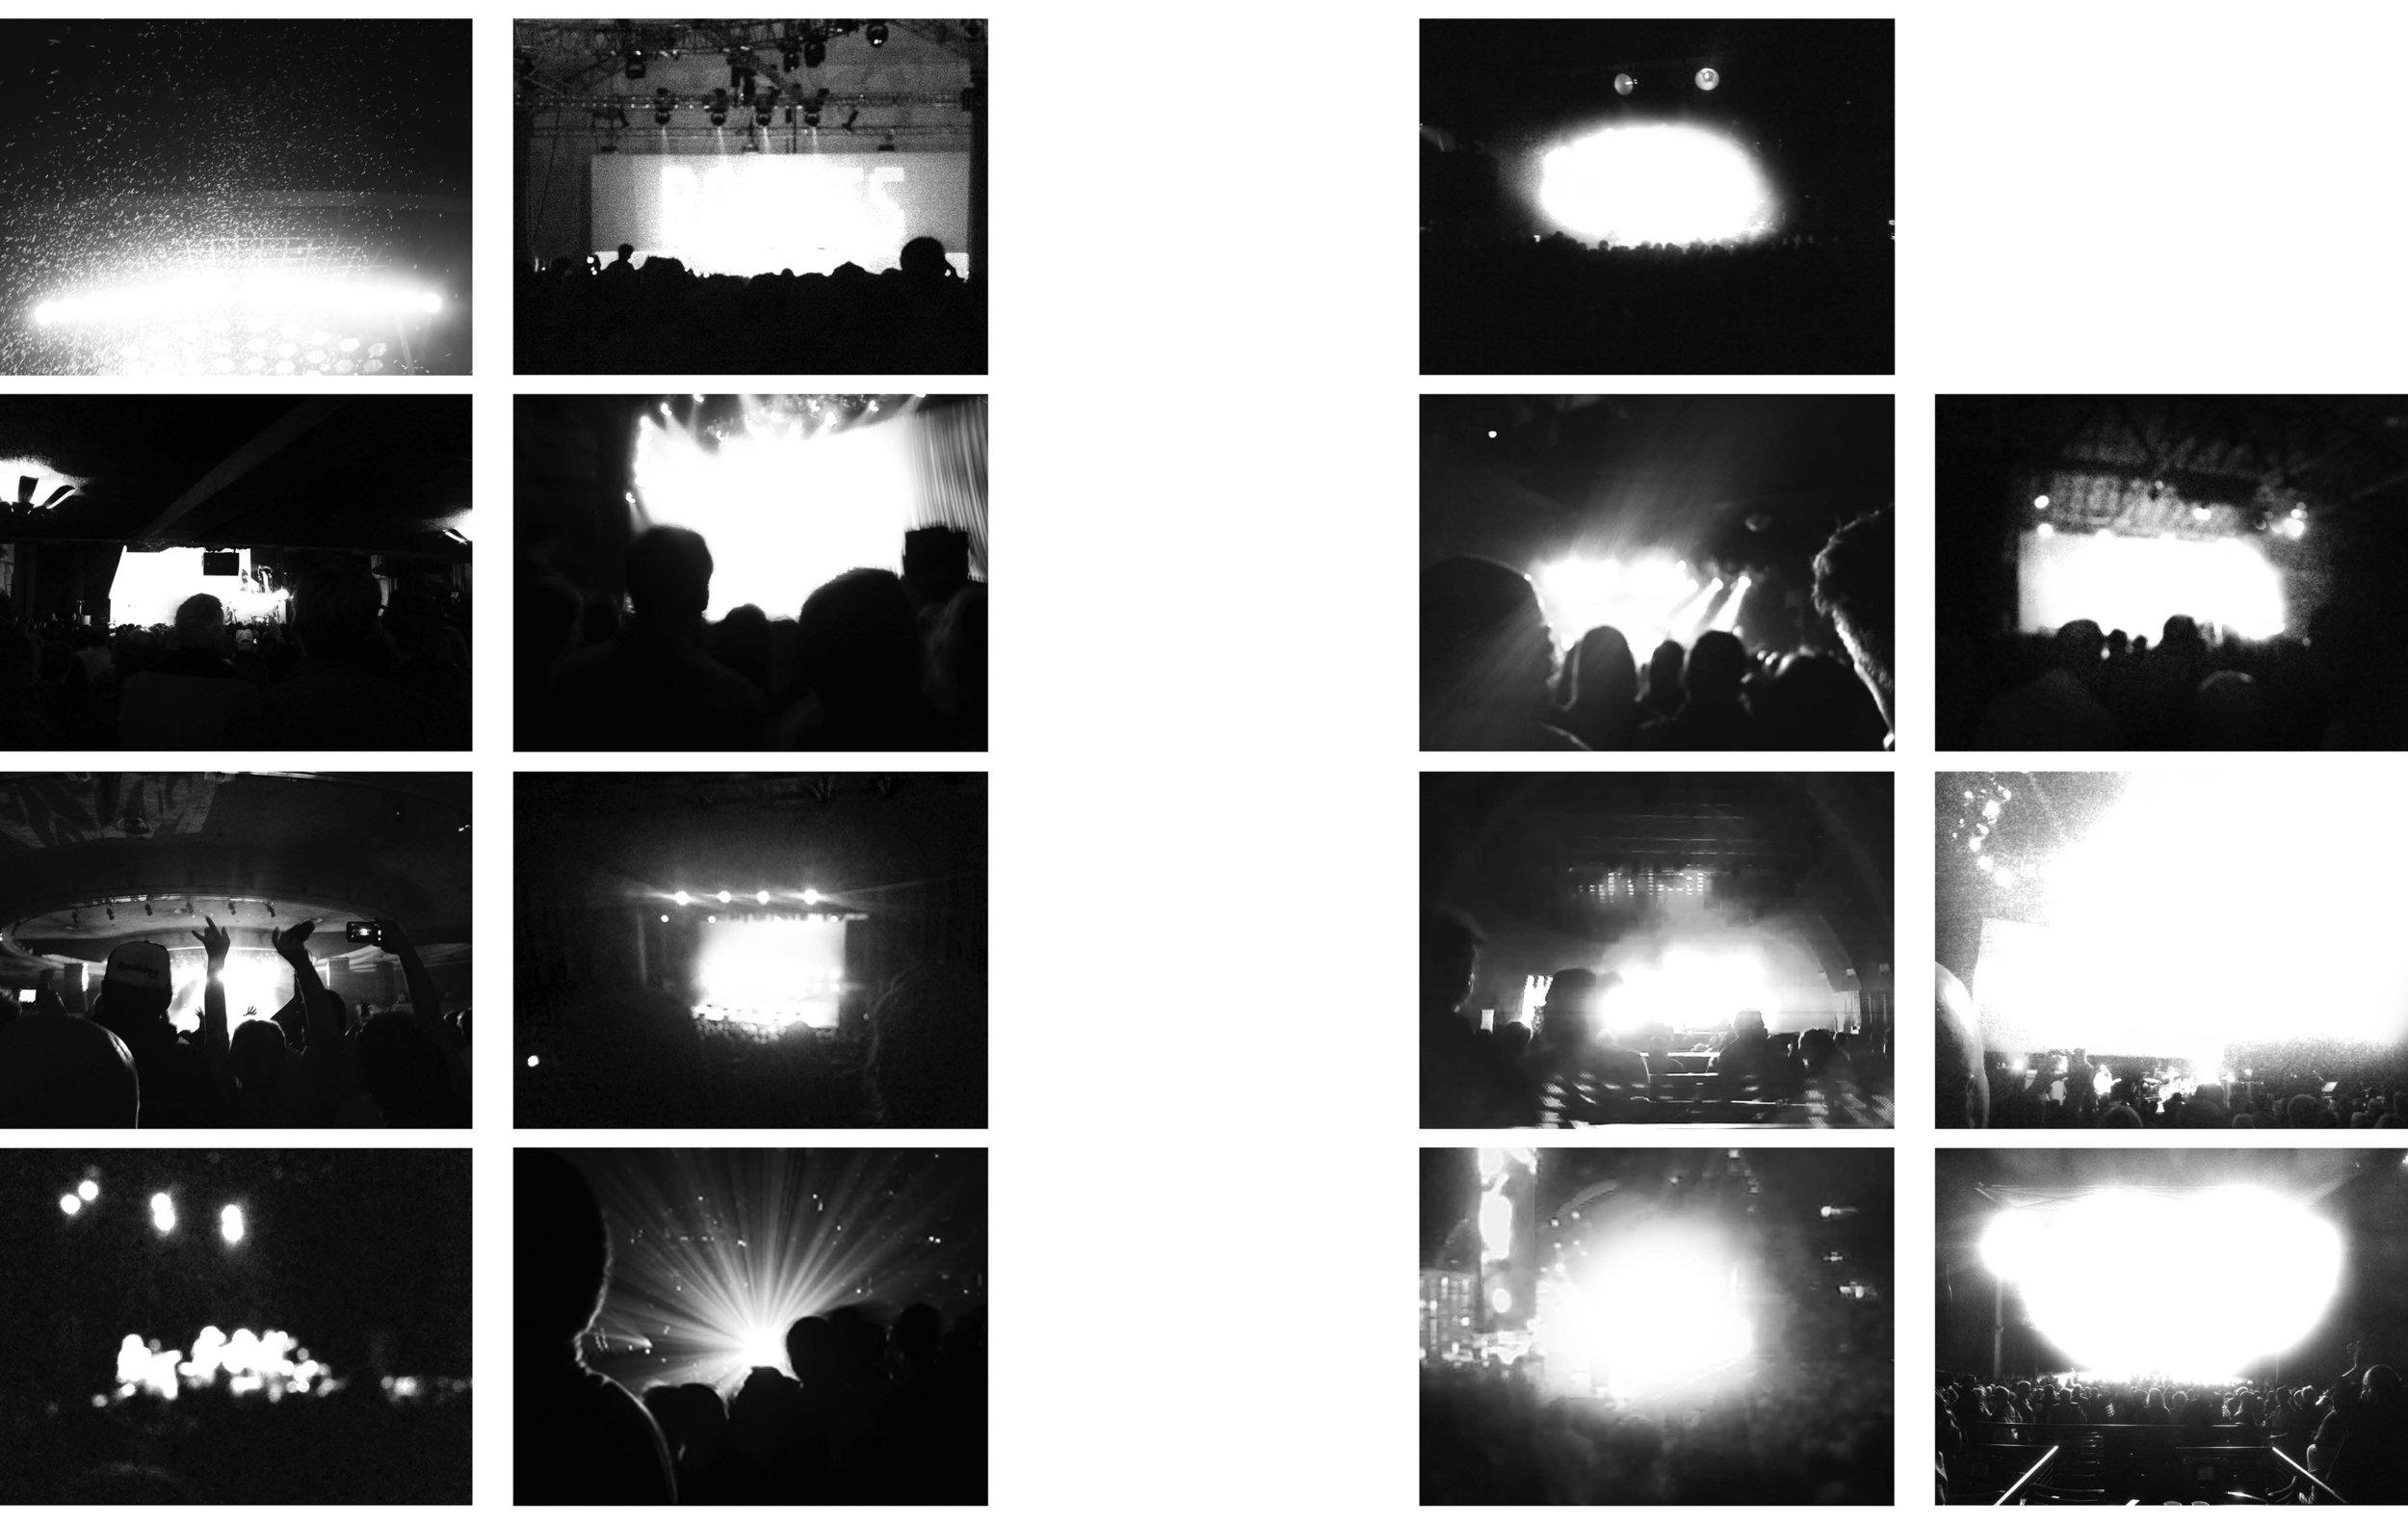 005_meteor explodes.jpg